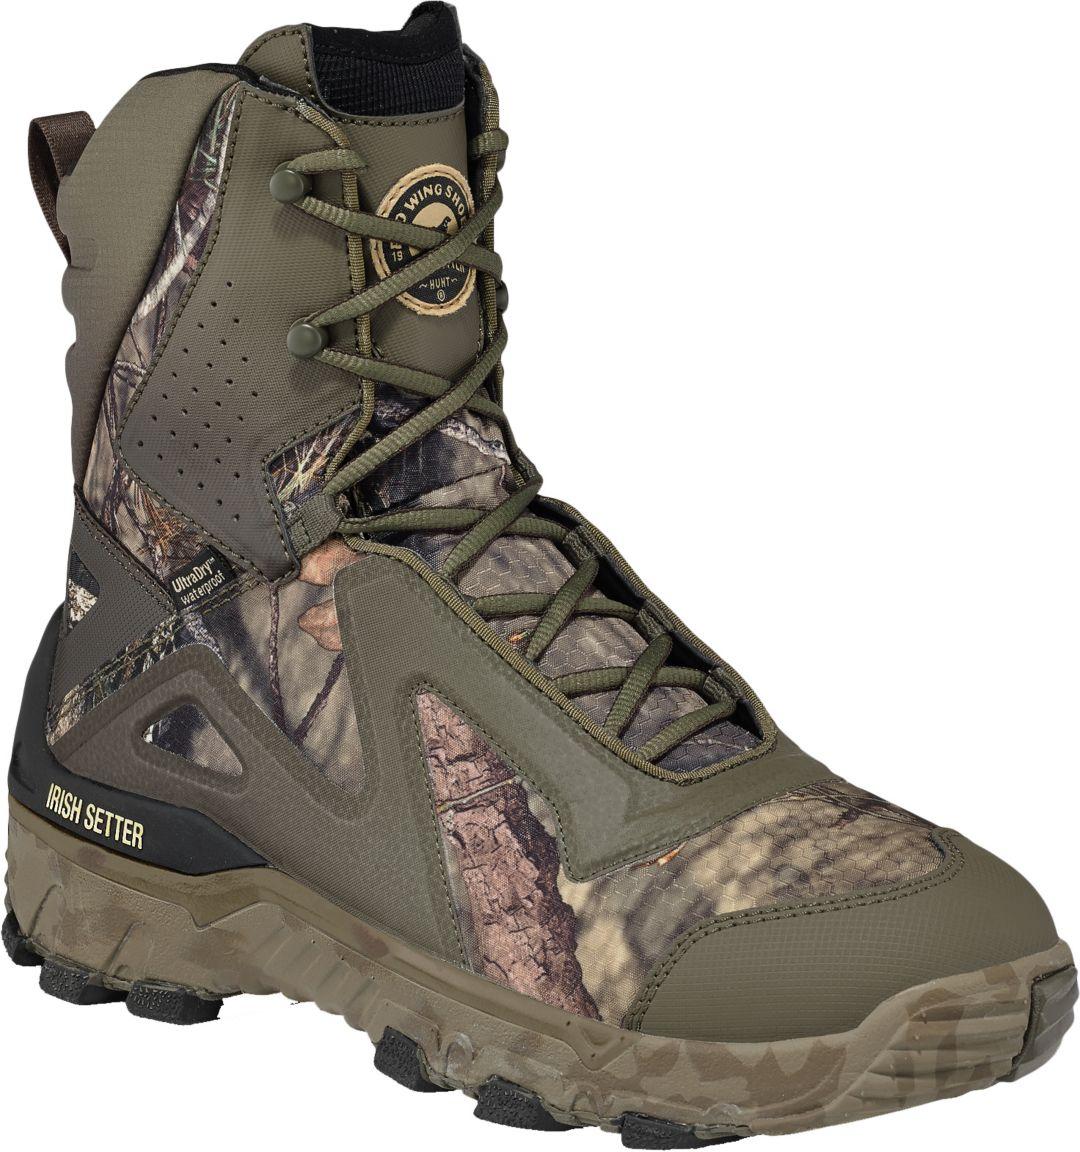 2e4e388cf3c13 Irish Setter Men's Vaprtrek LS 800g Waterproof Field Hunting Boots.  noImageFound. Previous